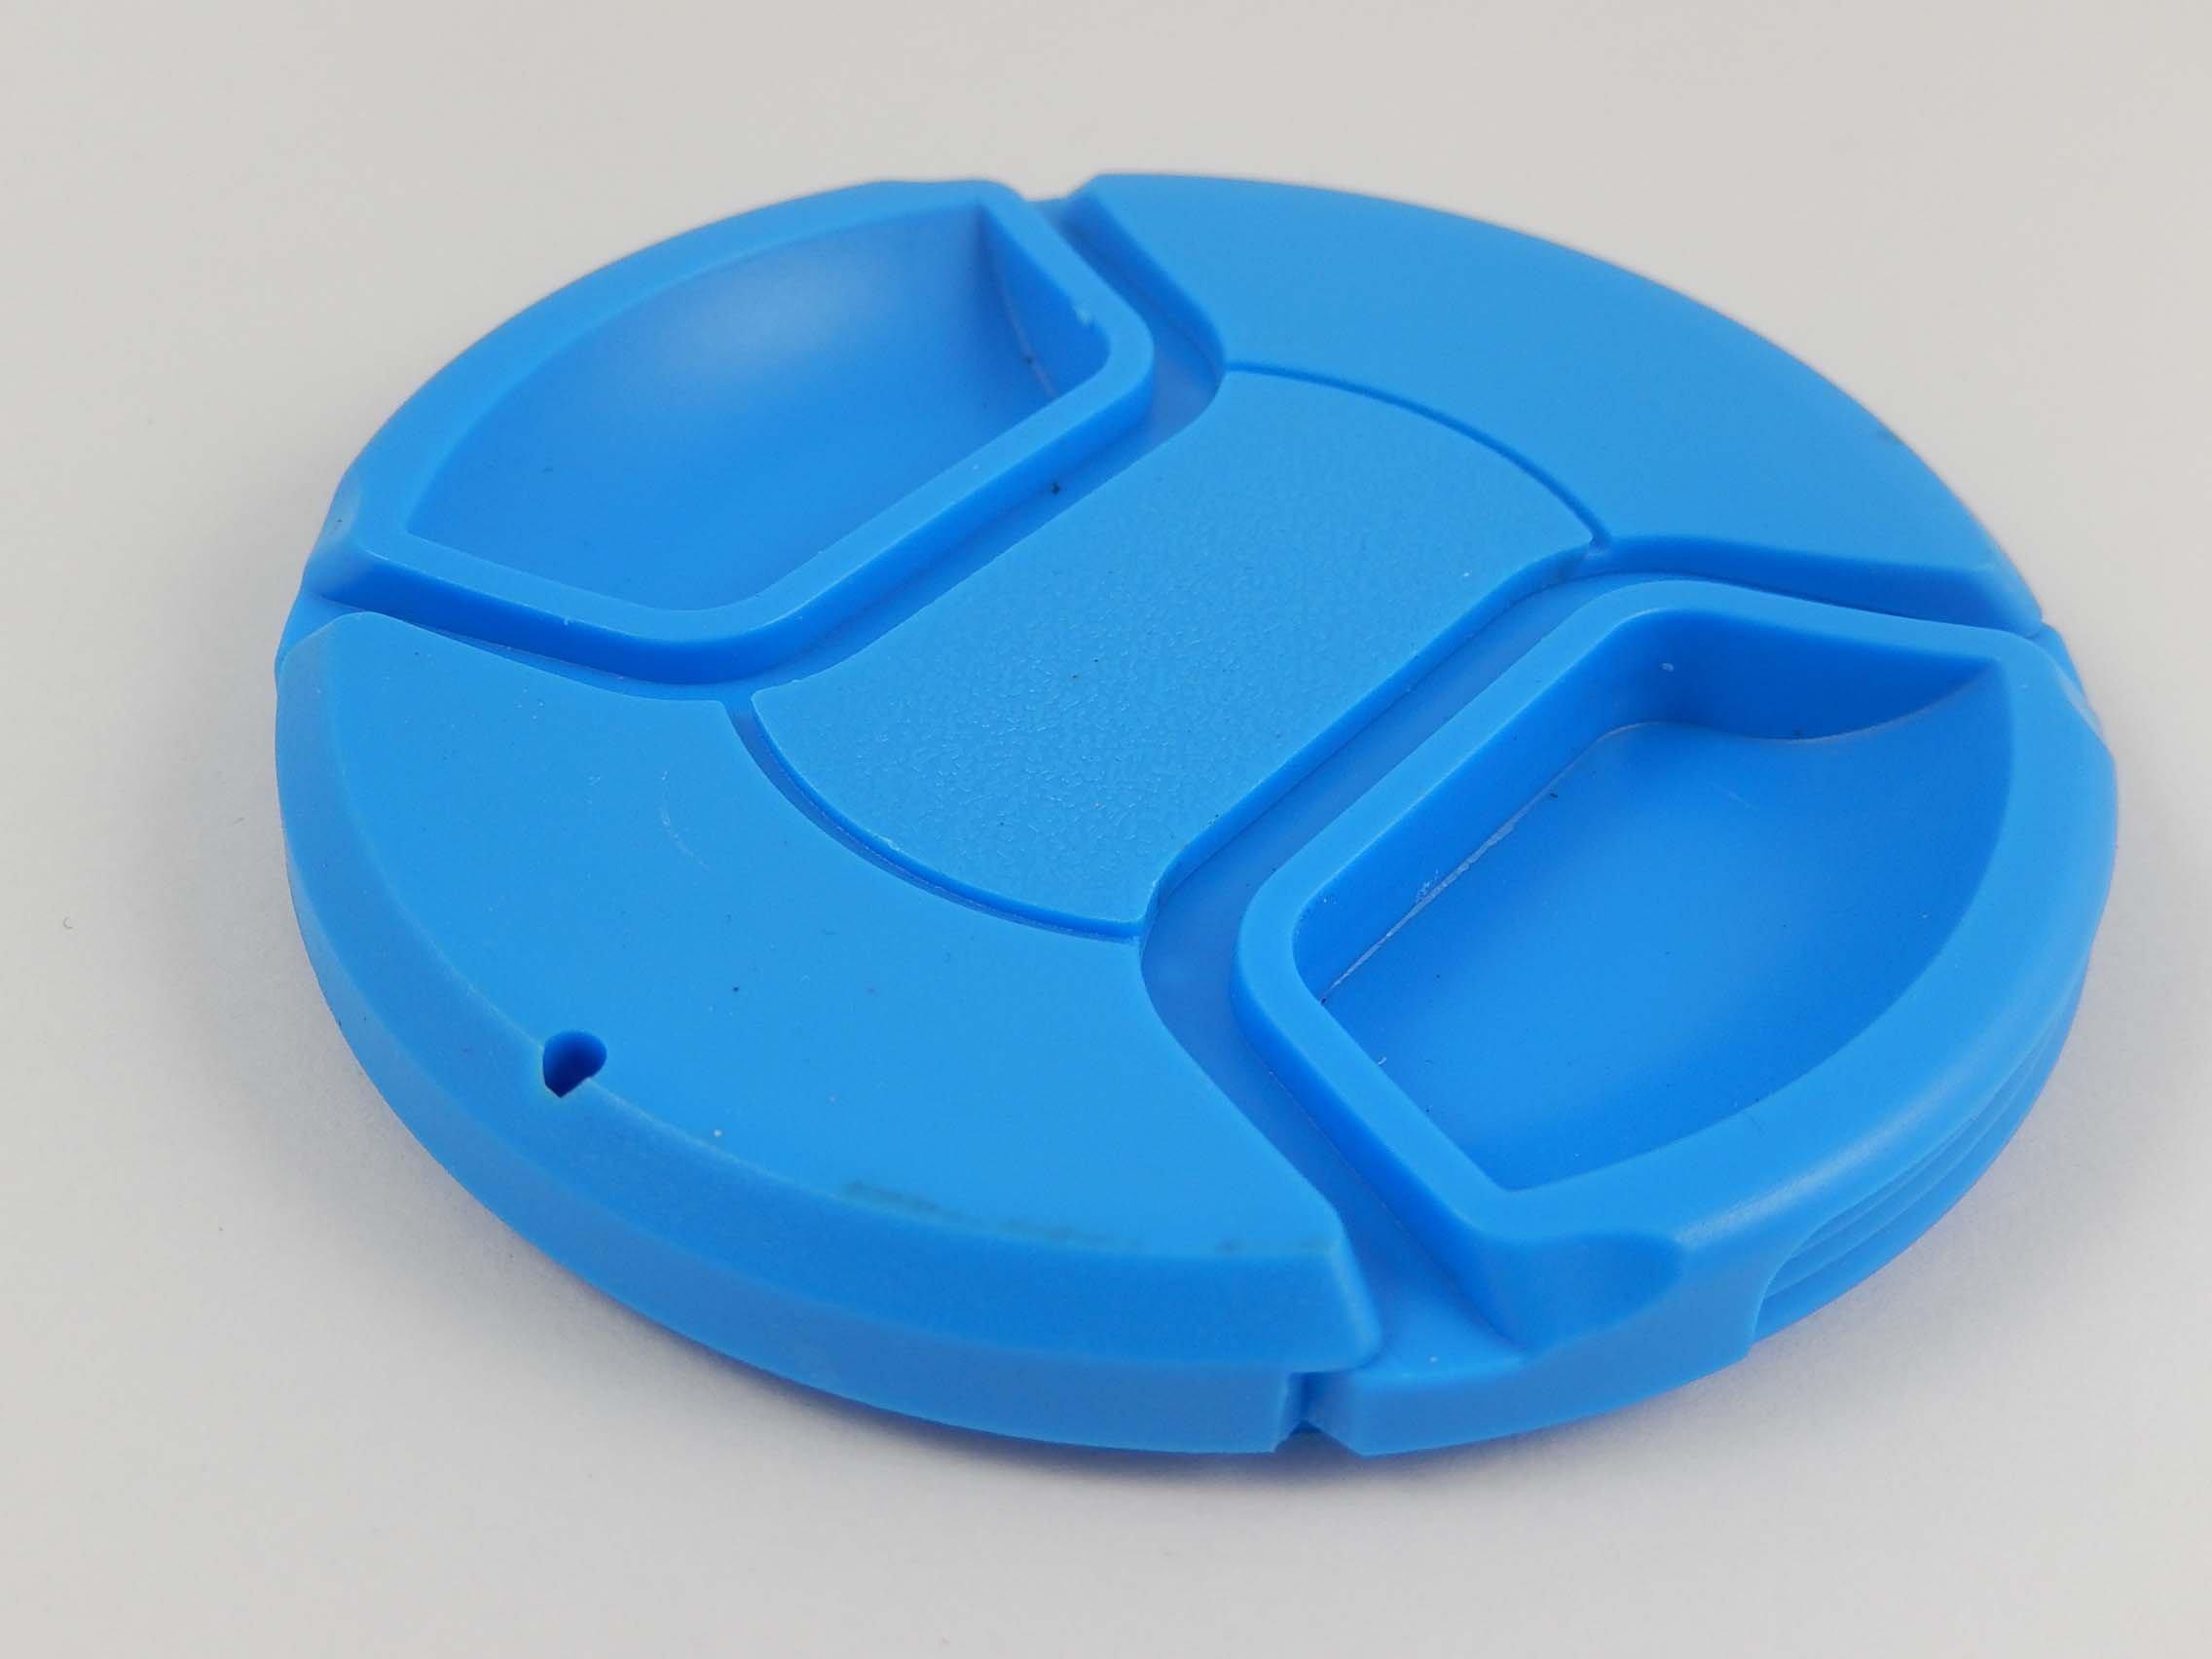 vhbw Tappo per obiettivo da 72mm con Impugnatura interna Snap on blu per Fotocamera Canon EF 35 mm 1